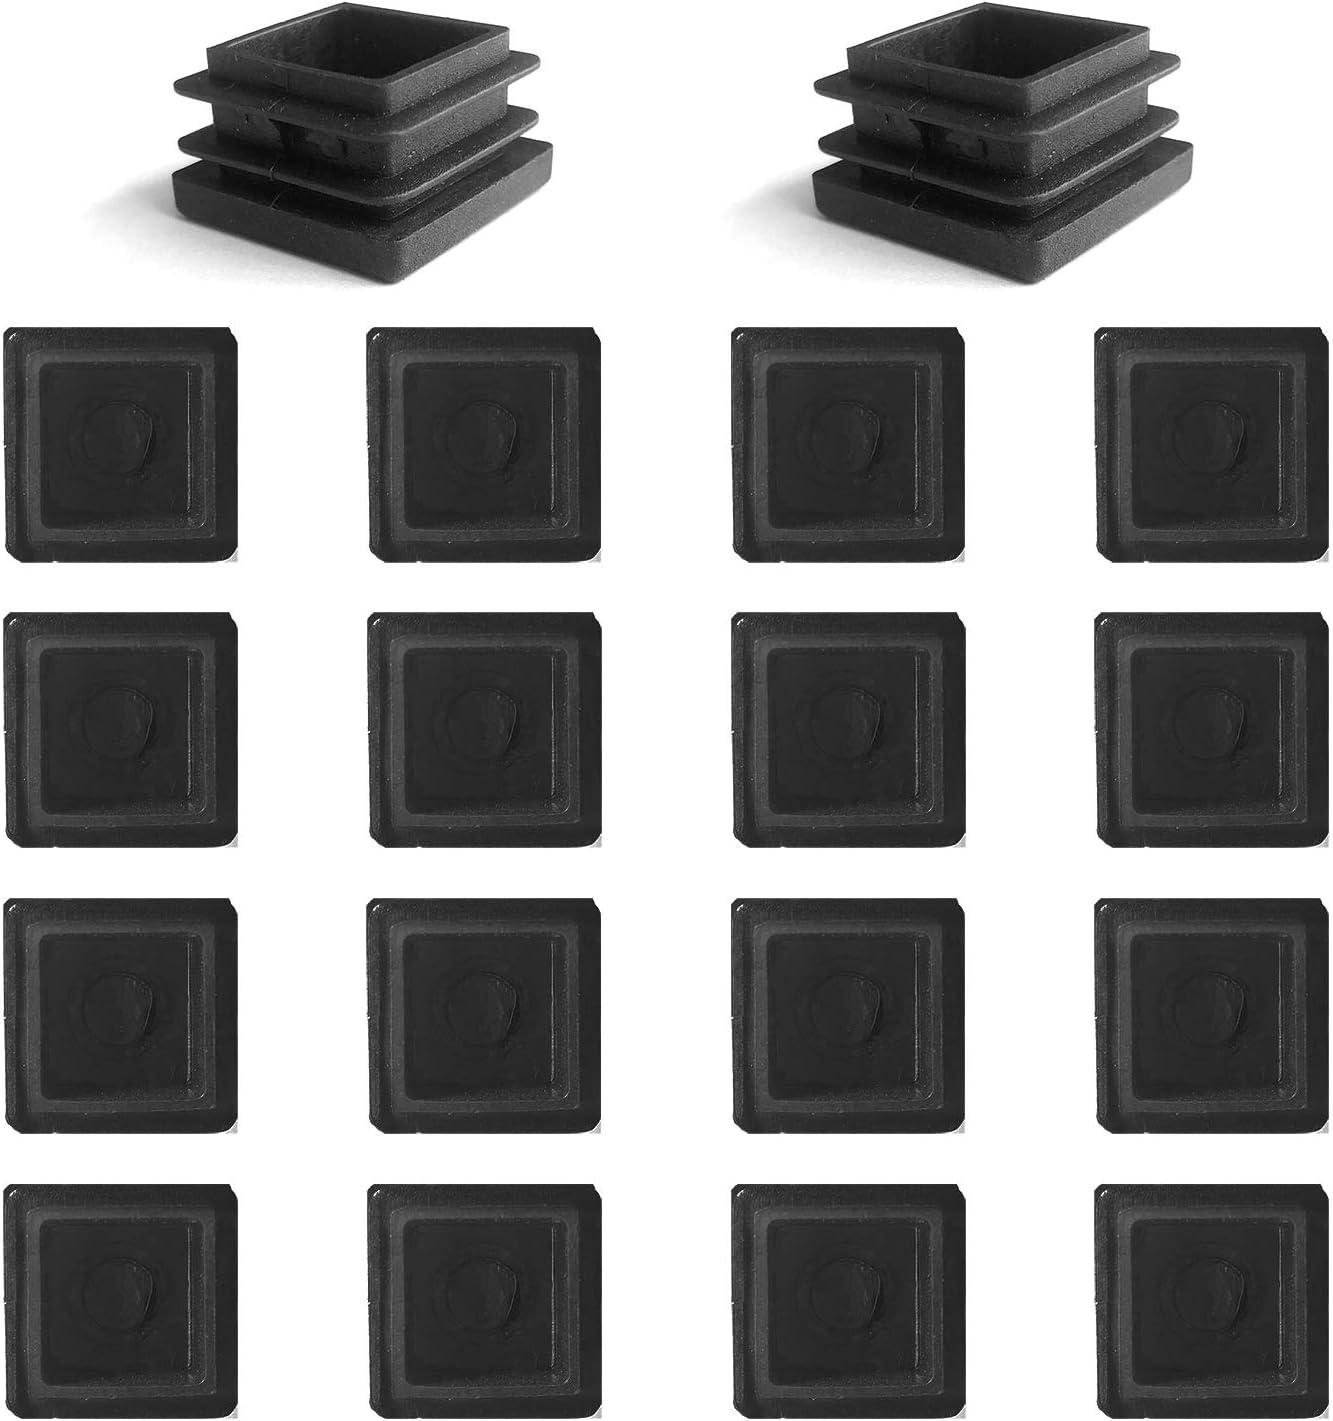 YouU 16 piezas de tubo cuadrado, tapón de plástico negro, tapa de extremo de 2 pulgadas, poste de cubierta, cubierta de tubo, tubo, silla, tapa de extremo de poste (50x50 mm / 2''x2 '')